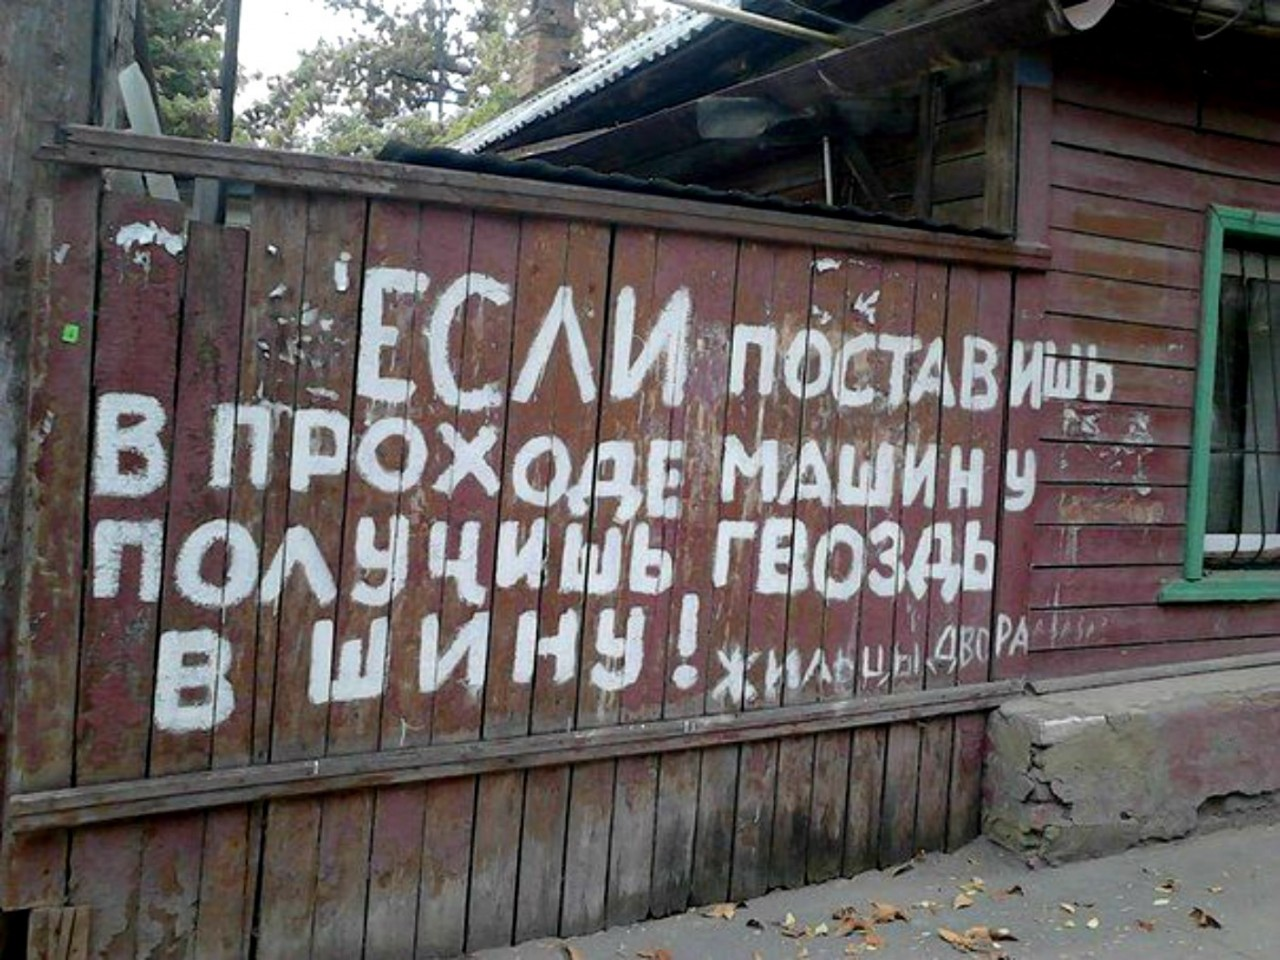 http://s2.uploads.ru/Lhmqe.jpg